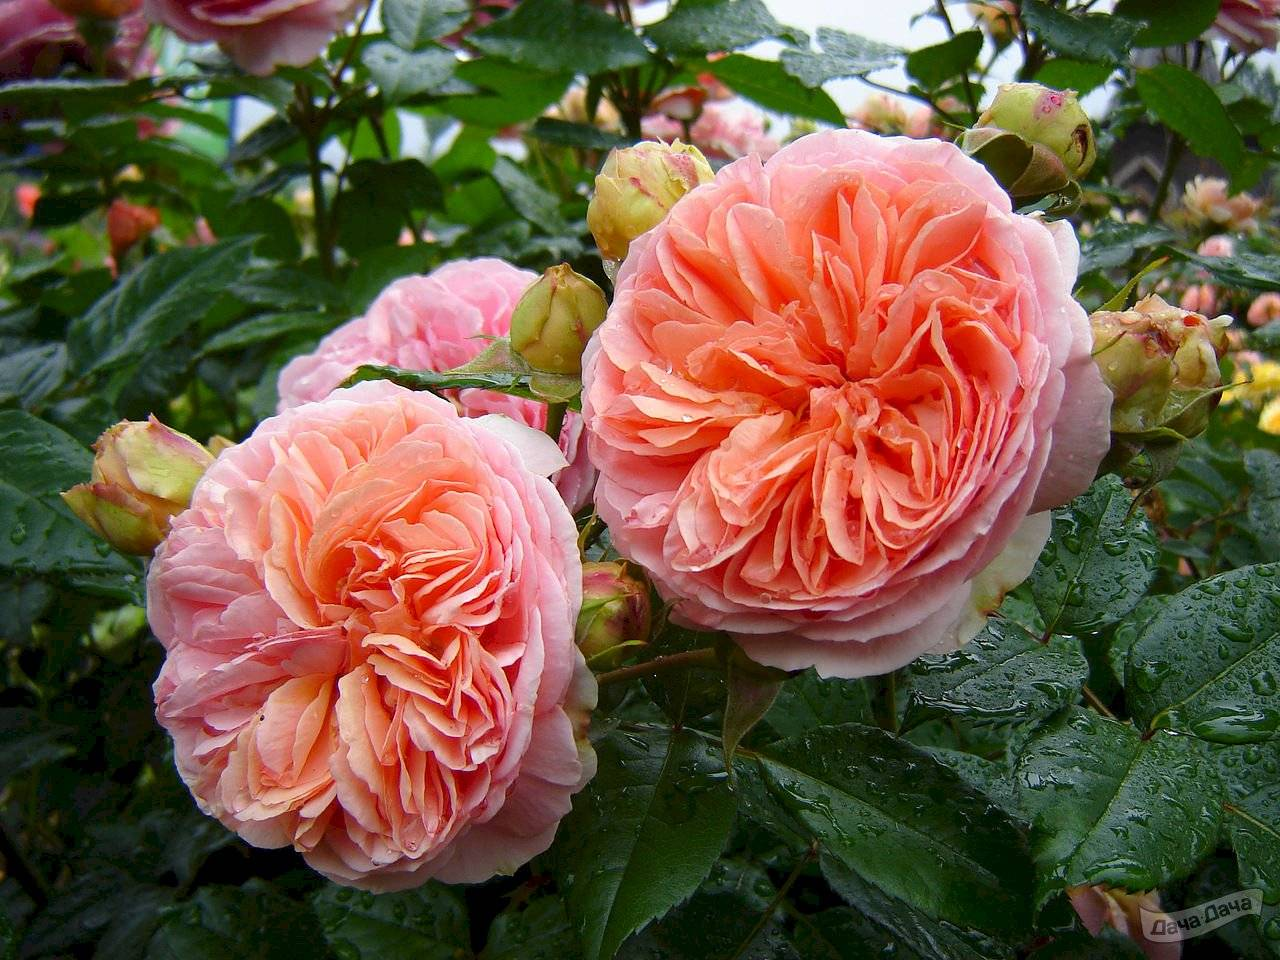 Роза сорта чиппендейл: полуплетистая садовая красавица